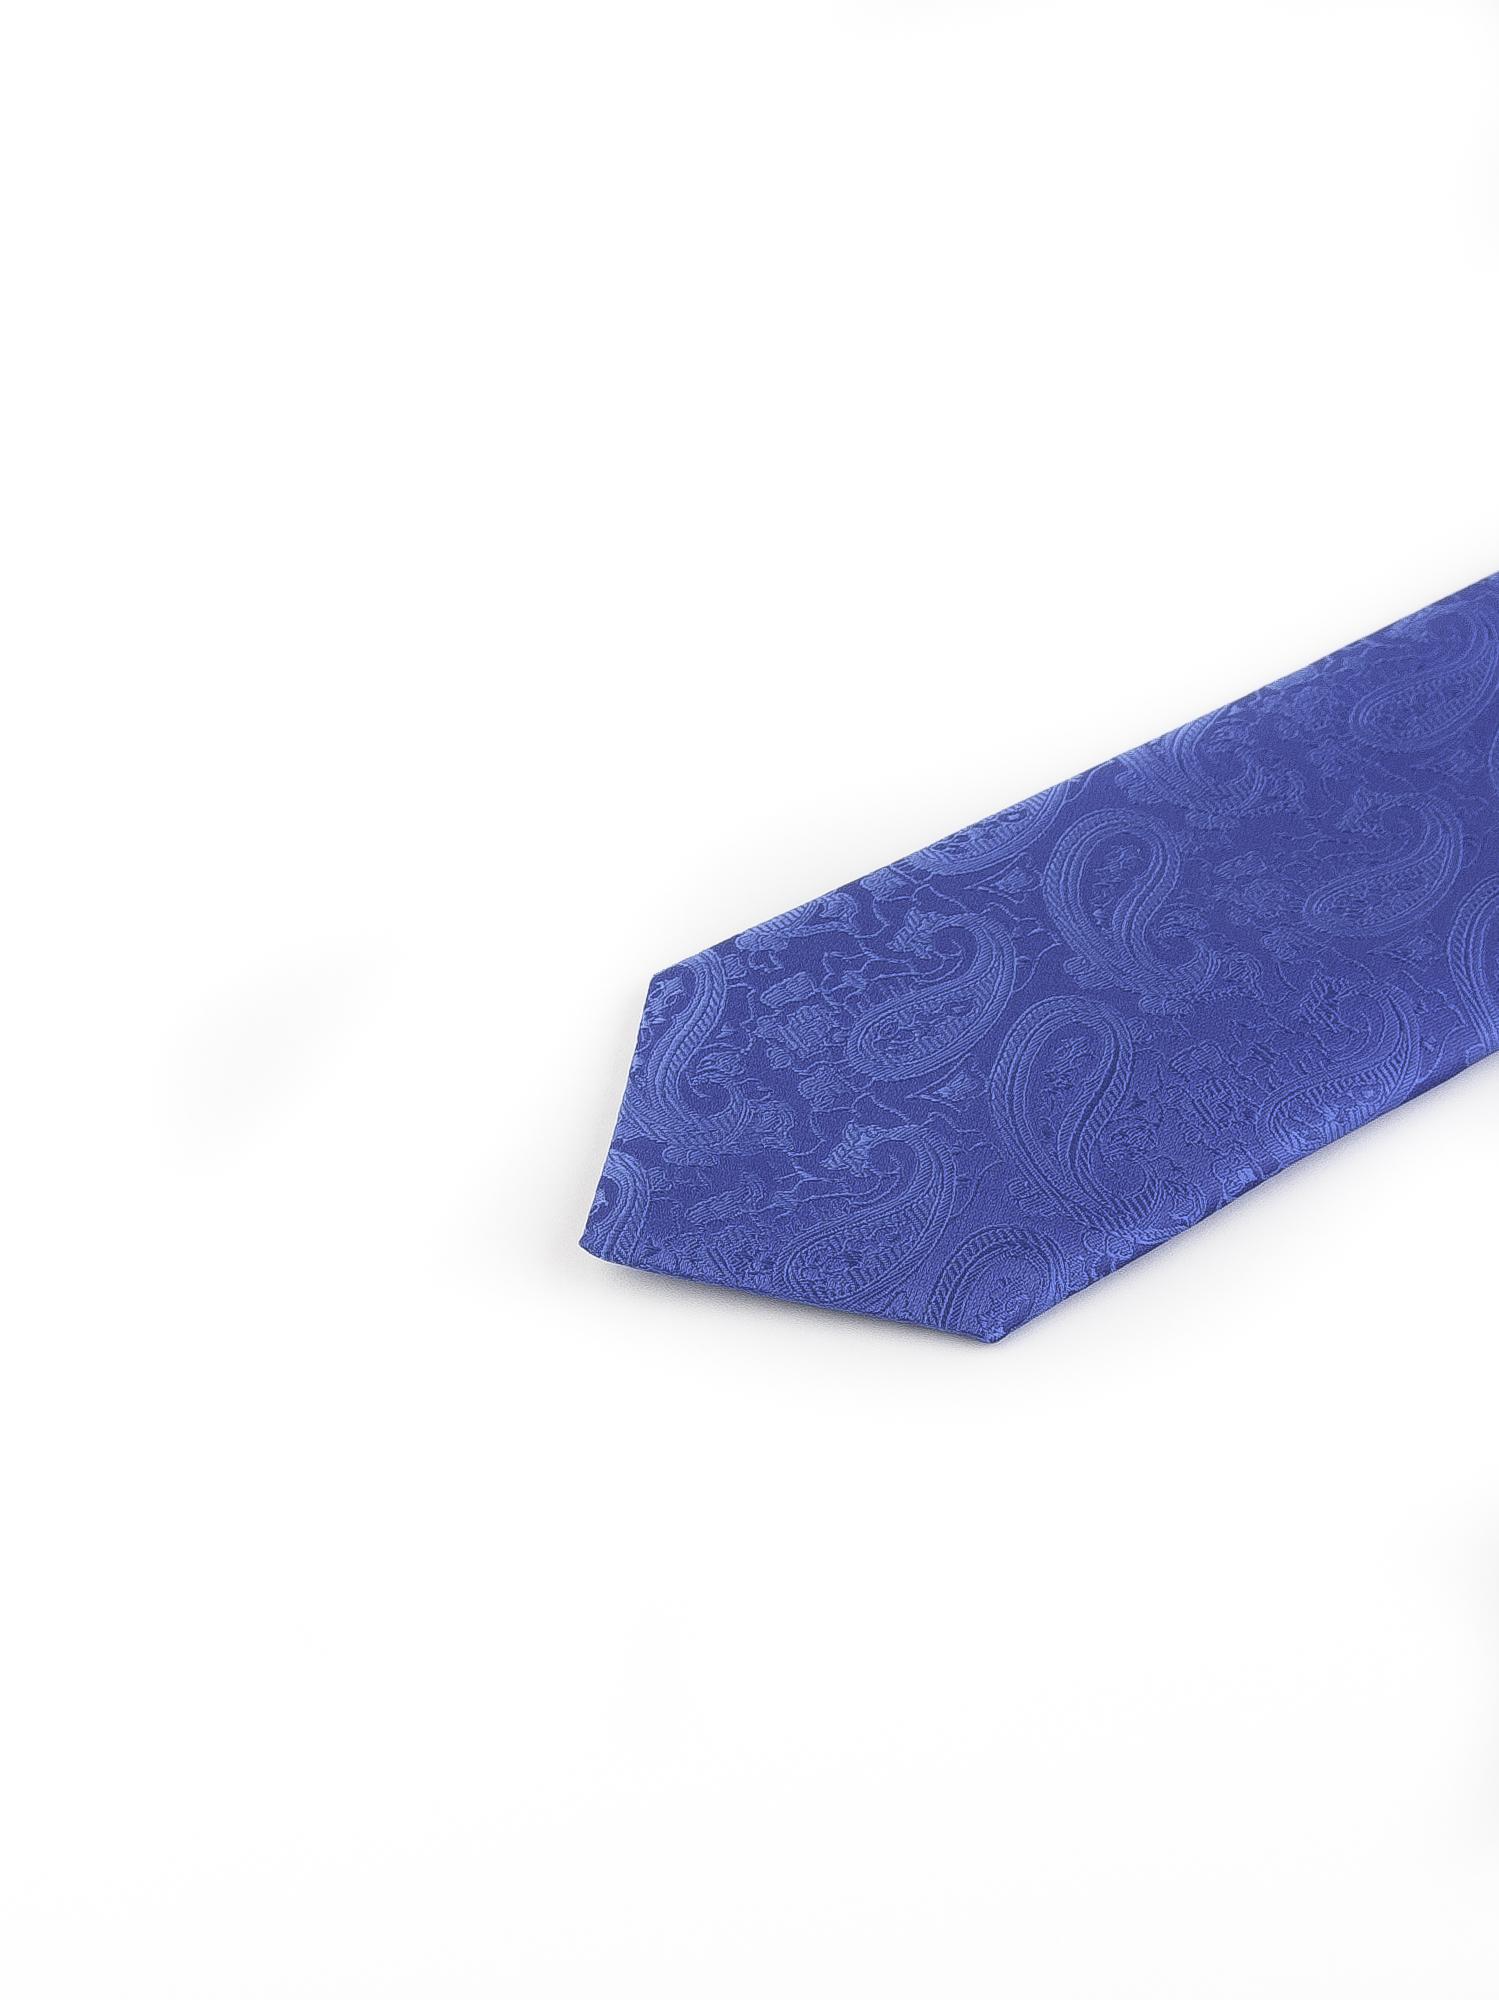 کراوات ابریشمی طرح دار مردانه Gianfranco کد T1008